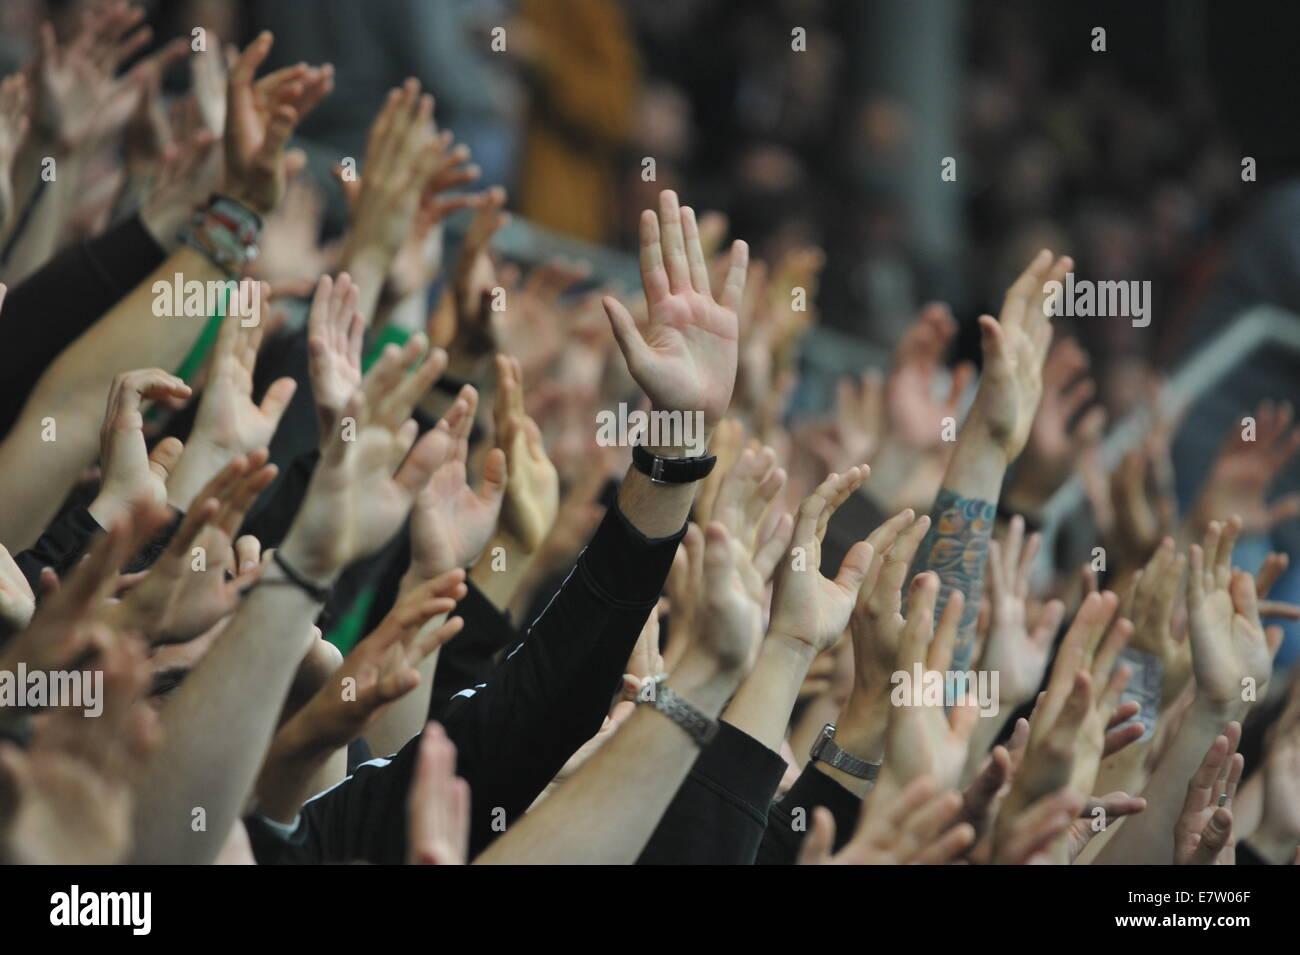 Torjubel, Südkurve, Millerntor-Stadion, Hamburg, Deutschland. - Stock Image